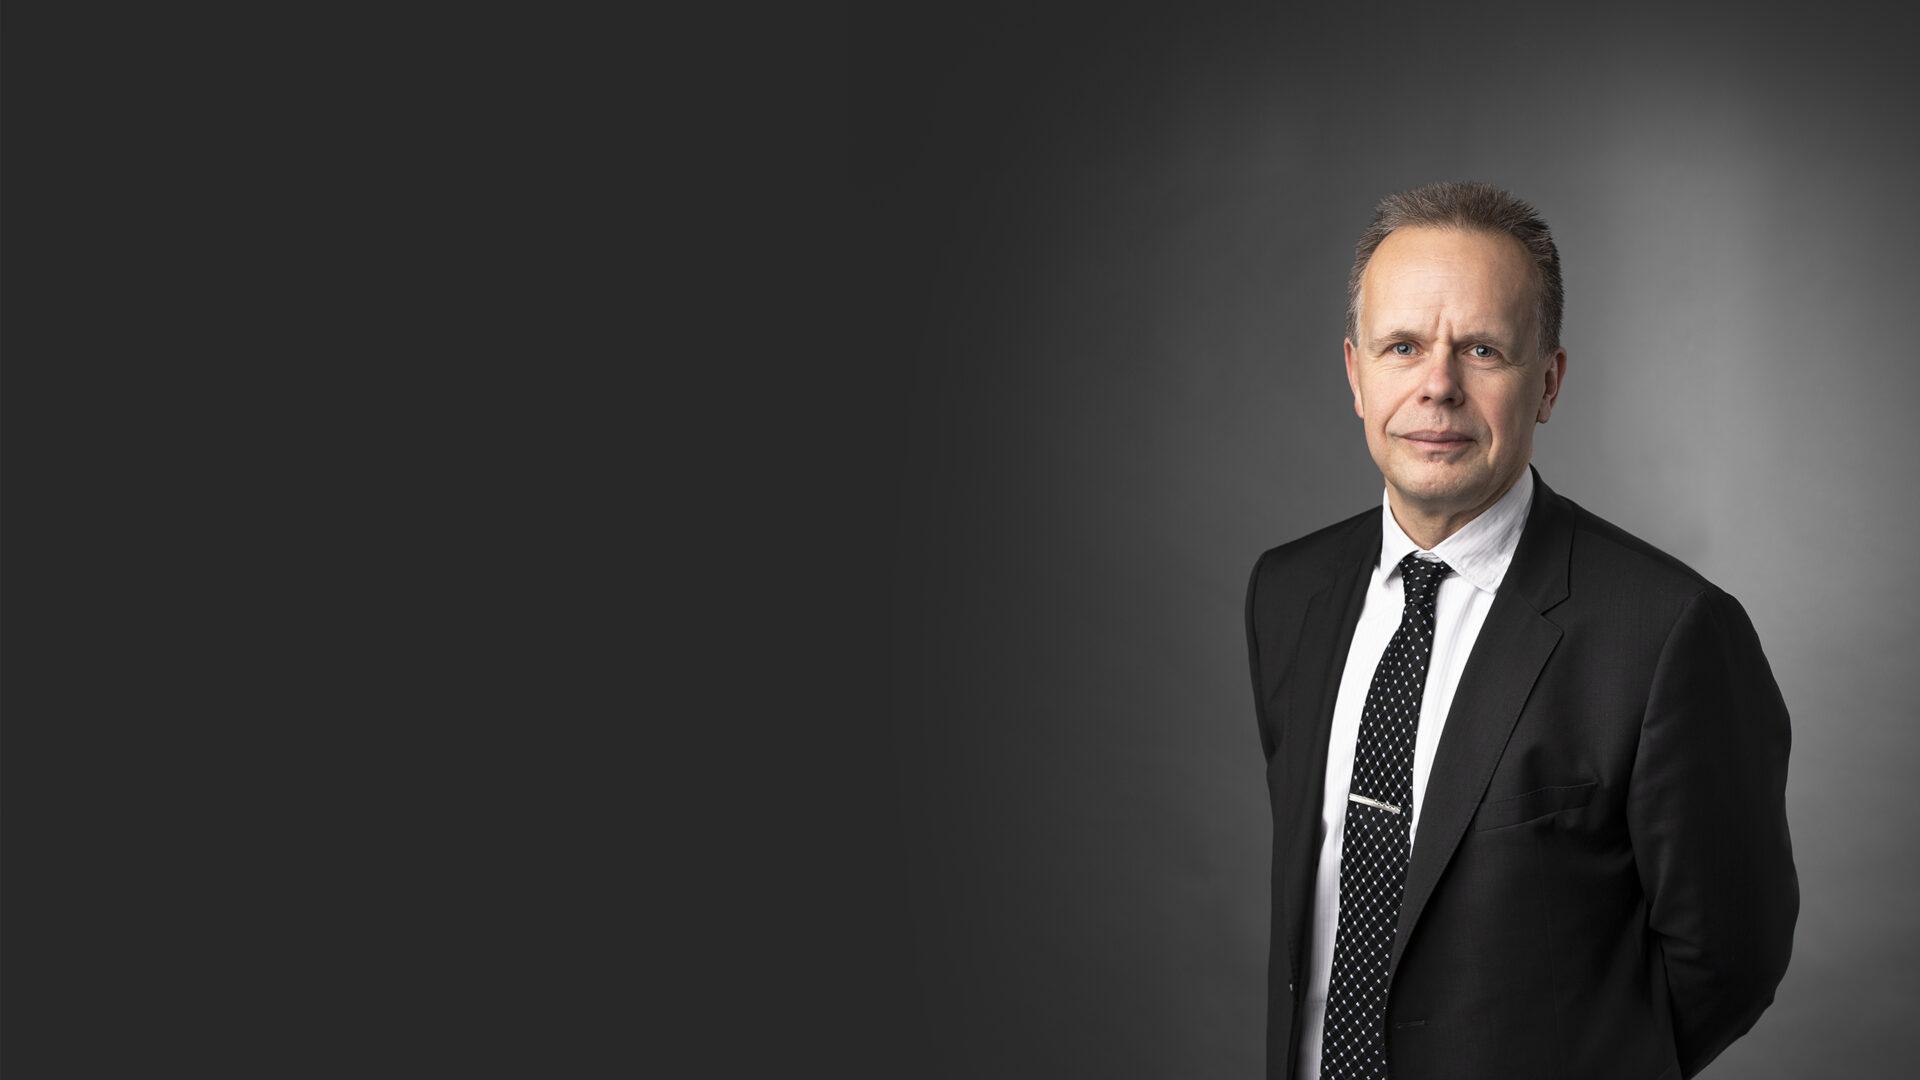 Petri Mäkinen